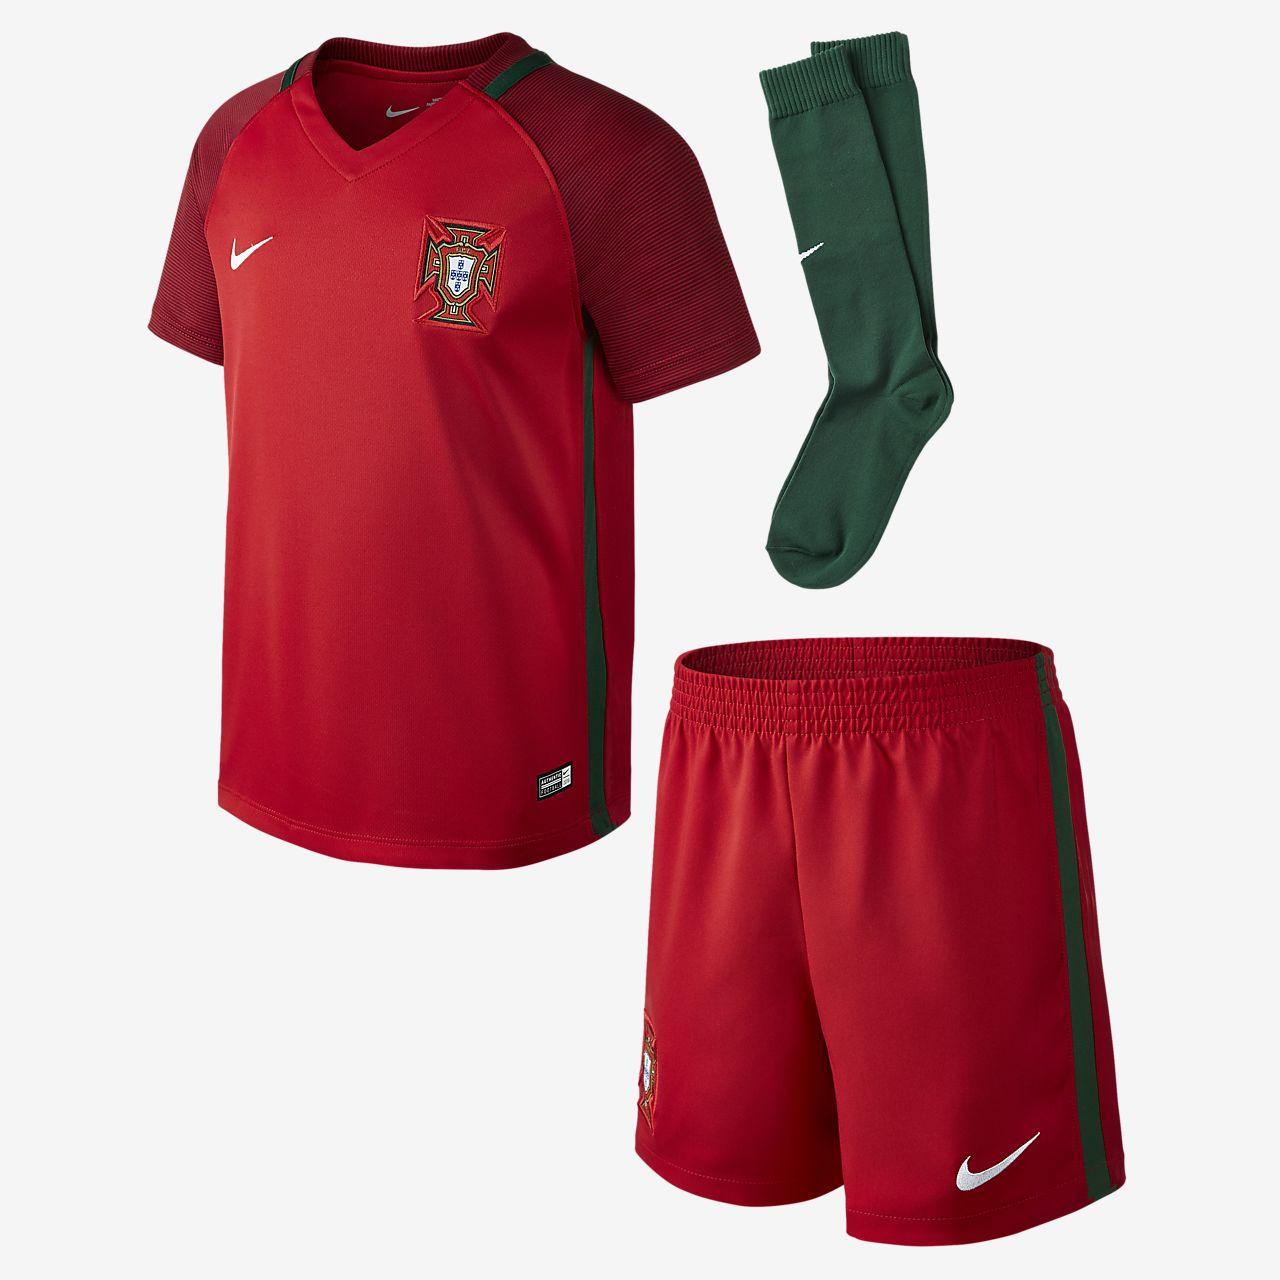 2016 赛季葡萄牙队主场幼童足球球迷套装